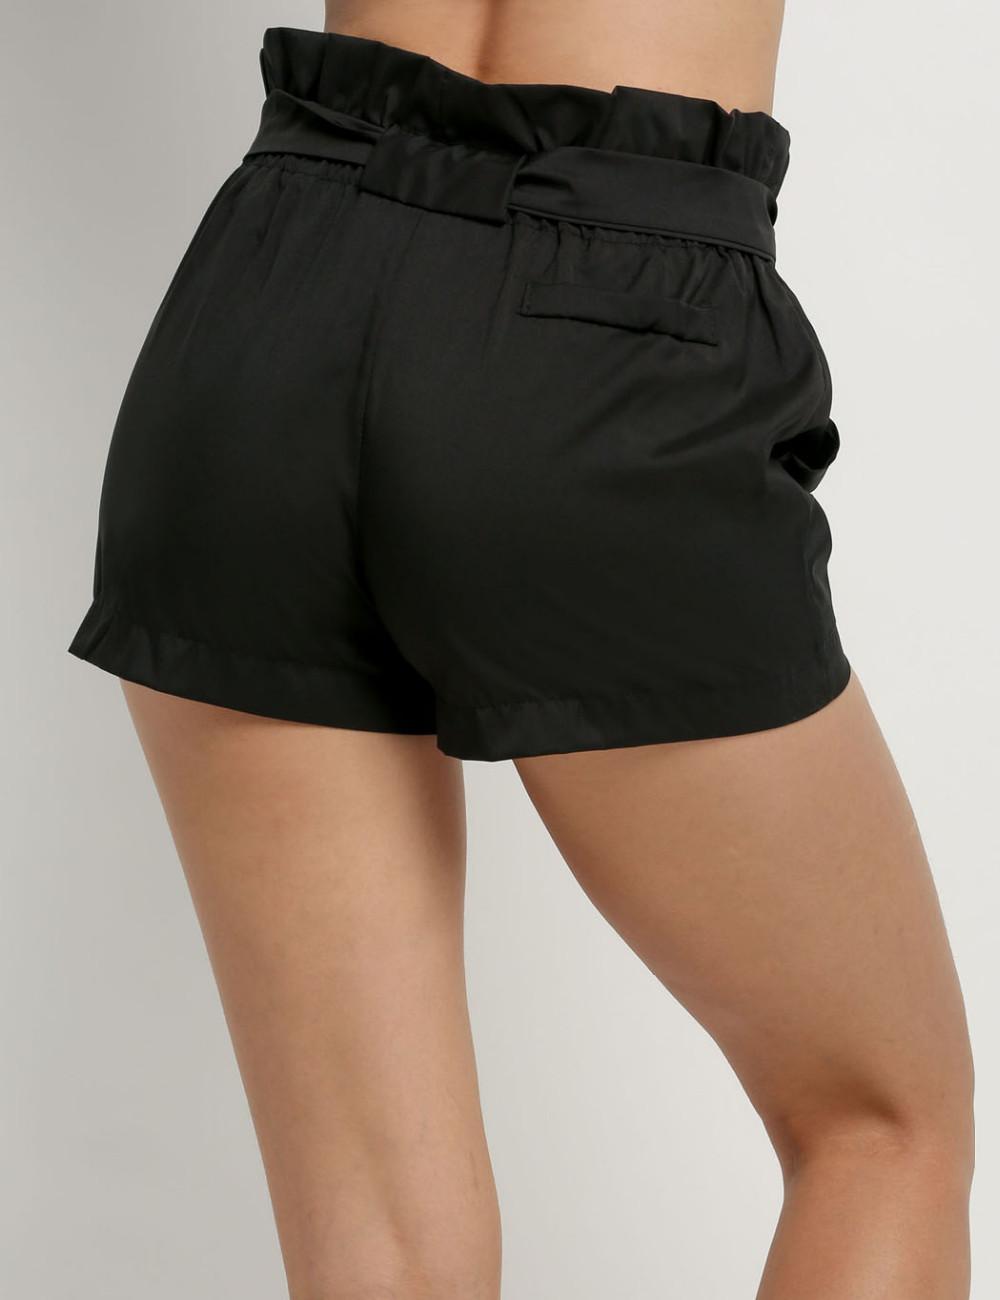 HTB1MpQKNFXXXXaTXFXXq6xXFXXXq - High Waist Shorts Loose Shorts With Belt Woman PTC 59